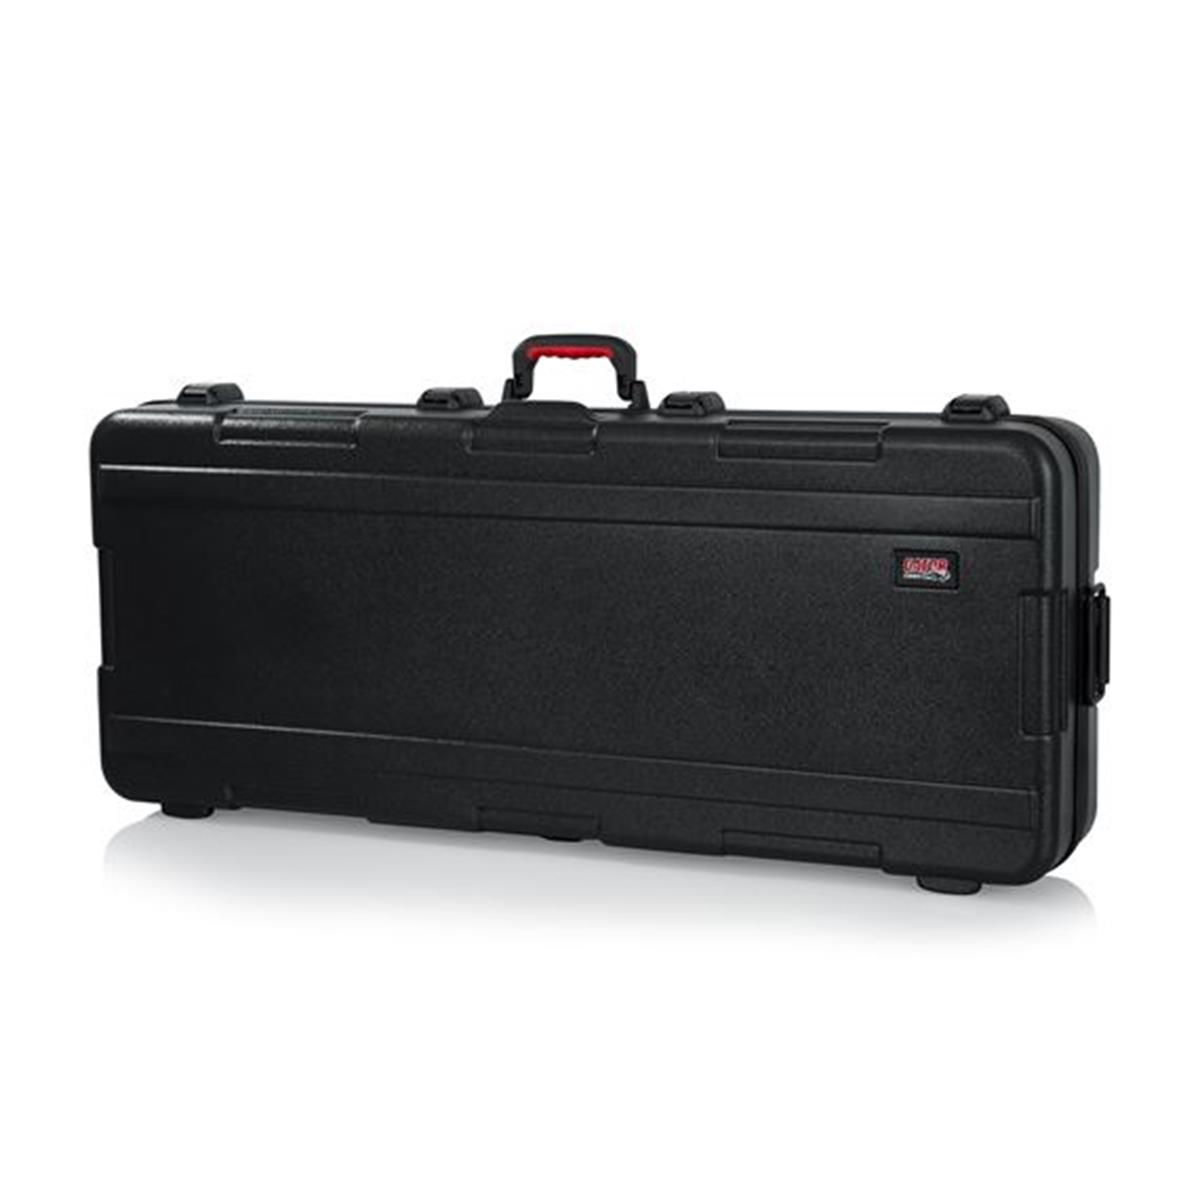 Gator GTSA-KEY88 - astuccio per tastiera 88 tasti - Tastiere Accessori - Custodie e Borse